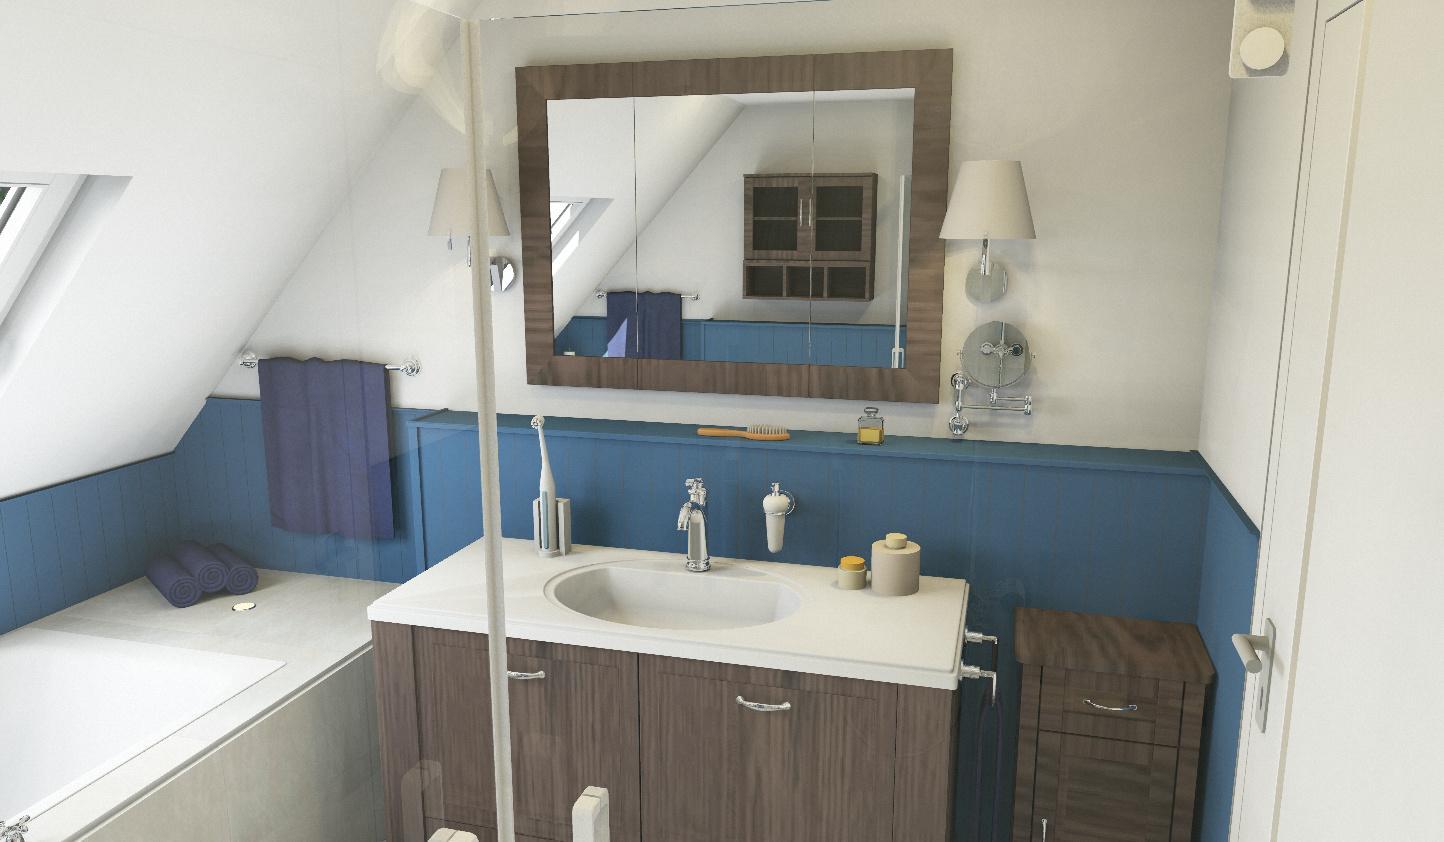 Vintage Badezimmer • Bilder & Ideen • COUCH